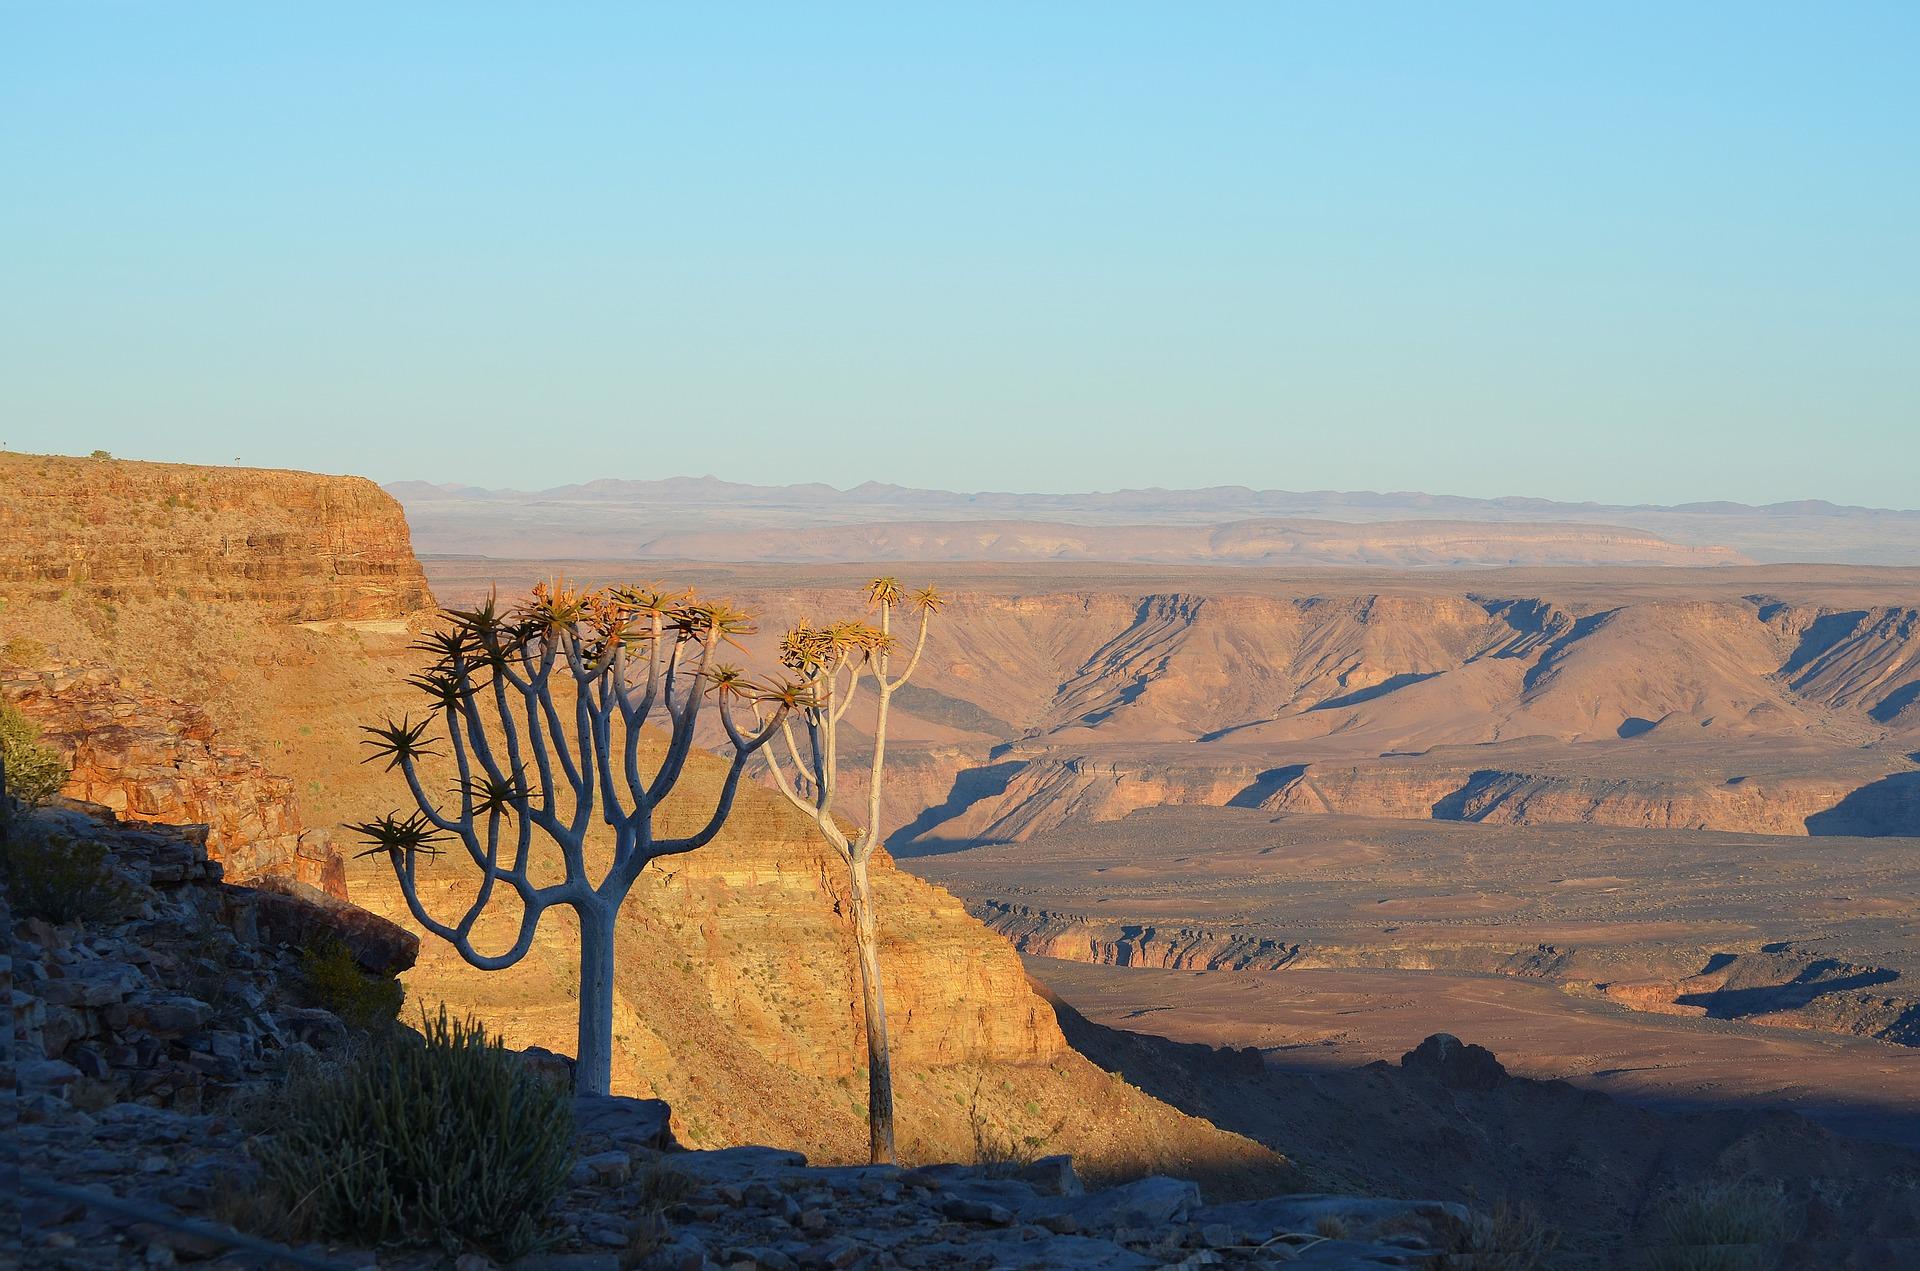 fish-river-canyon-namibia-pixabay-2452722_1920